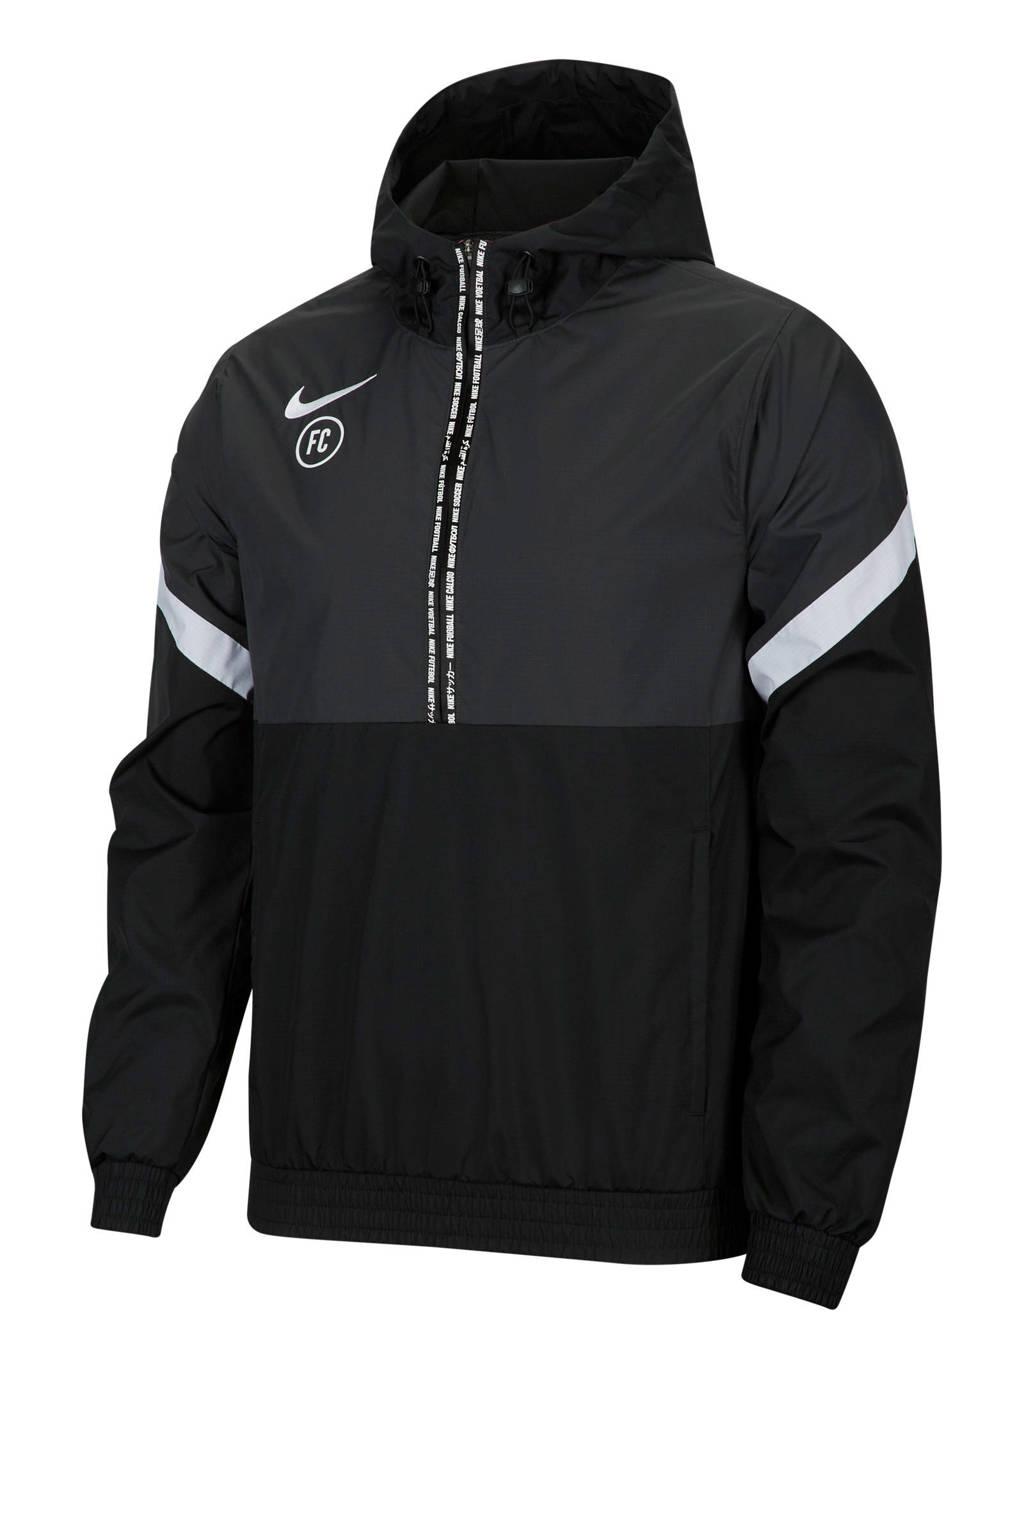 Nike   voetbalanorak zwart, Zwart/antraciet